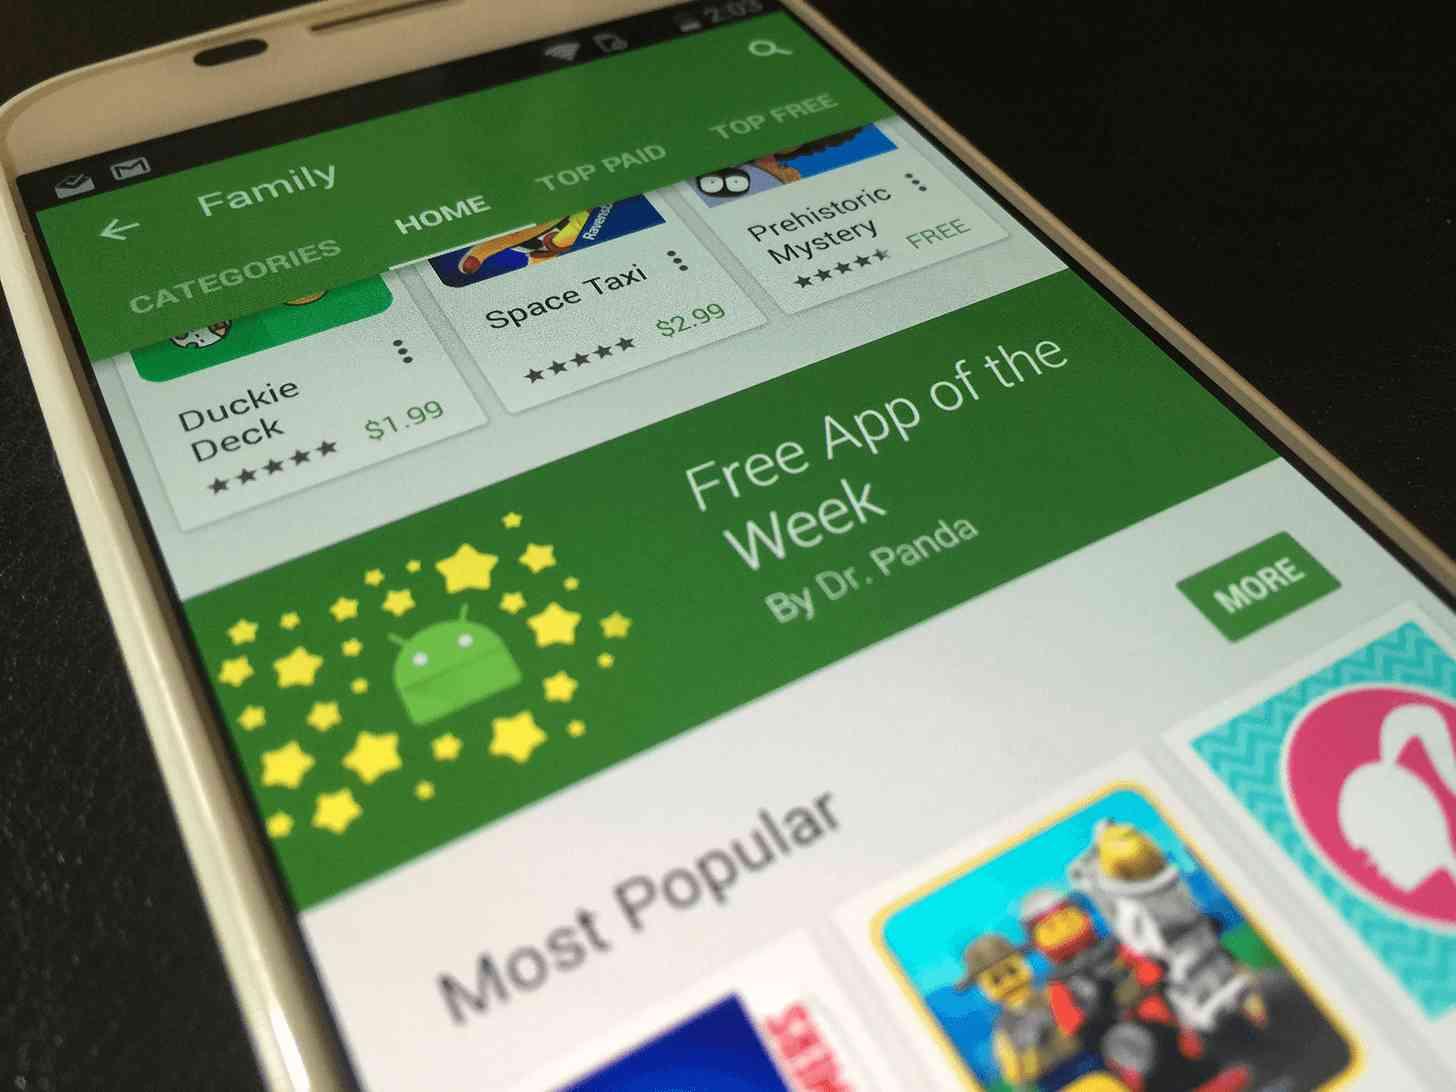 Google Play Free App of the Week Moto X